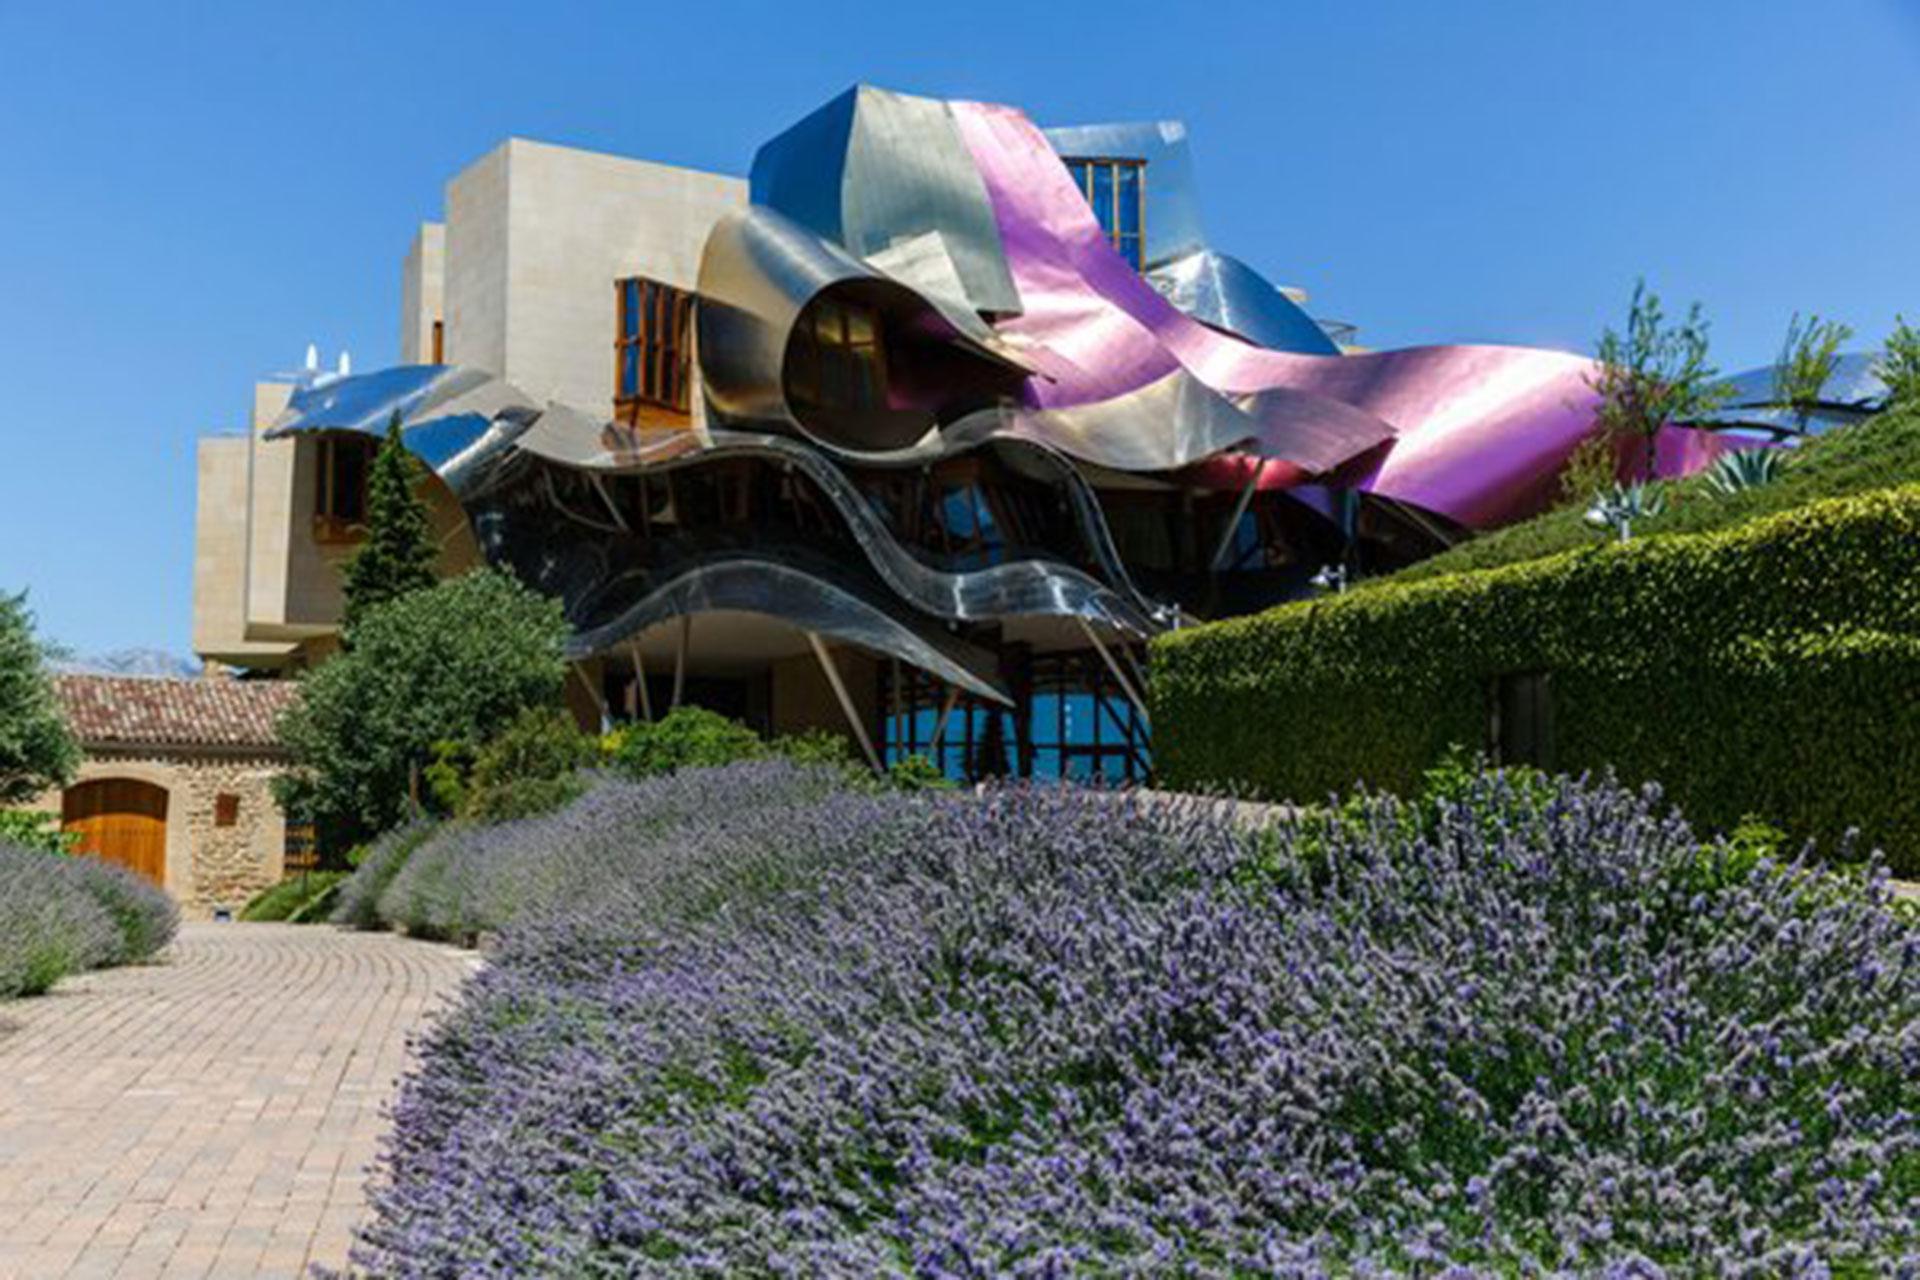 Hotel Marques de Riscal (Elciego, España). Además de ser hotel es vinoteca, pero por sobre todas las cosas destaca su increíble arquitectura con lazos metálicos de colores, obra del arquitecto Frank Gehry (Cesar Manso/AFP/Getty Images)